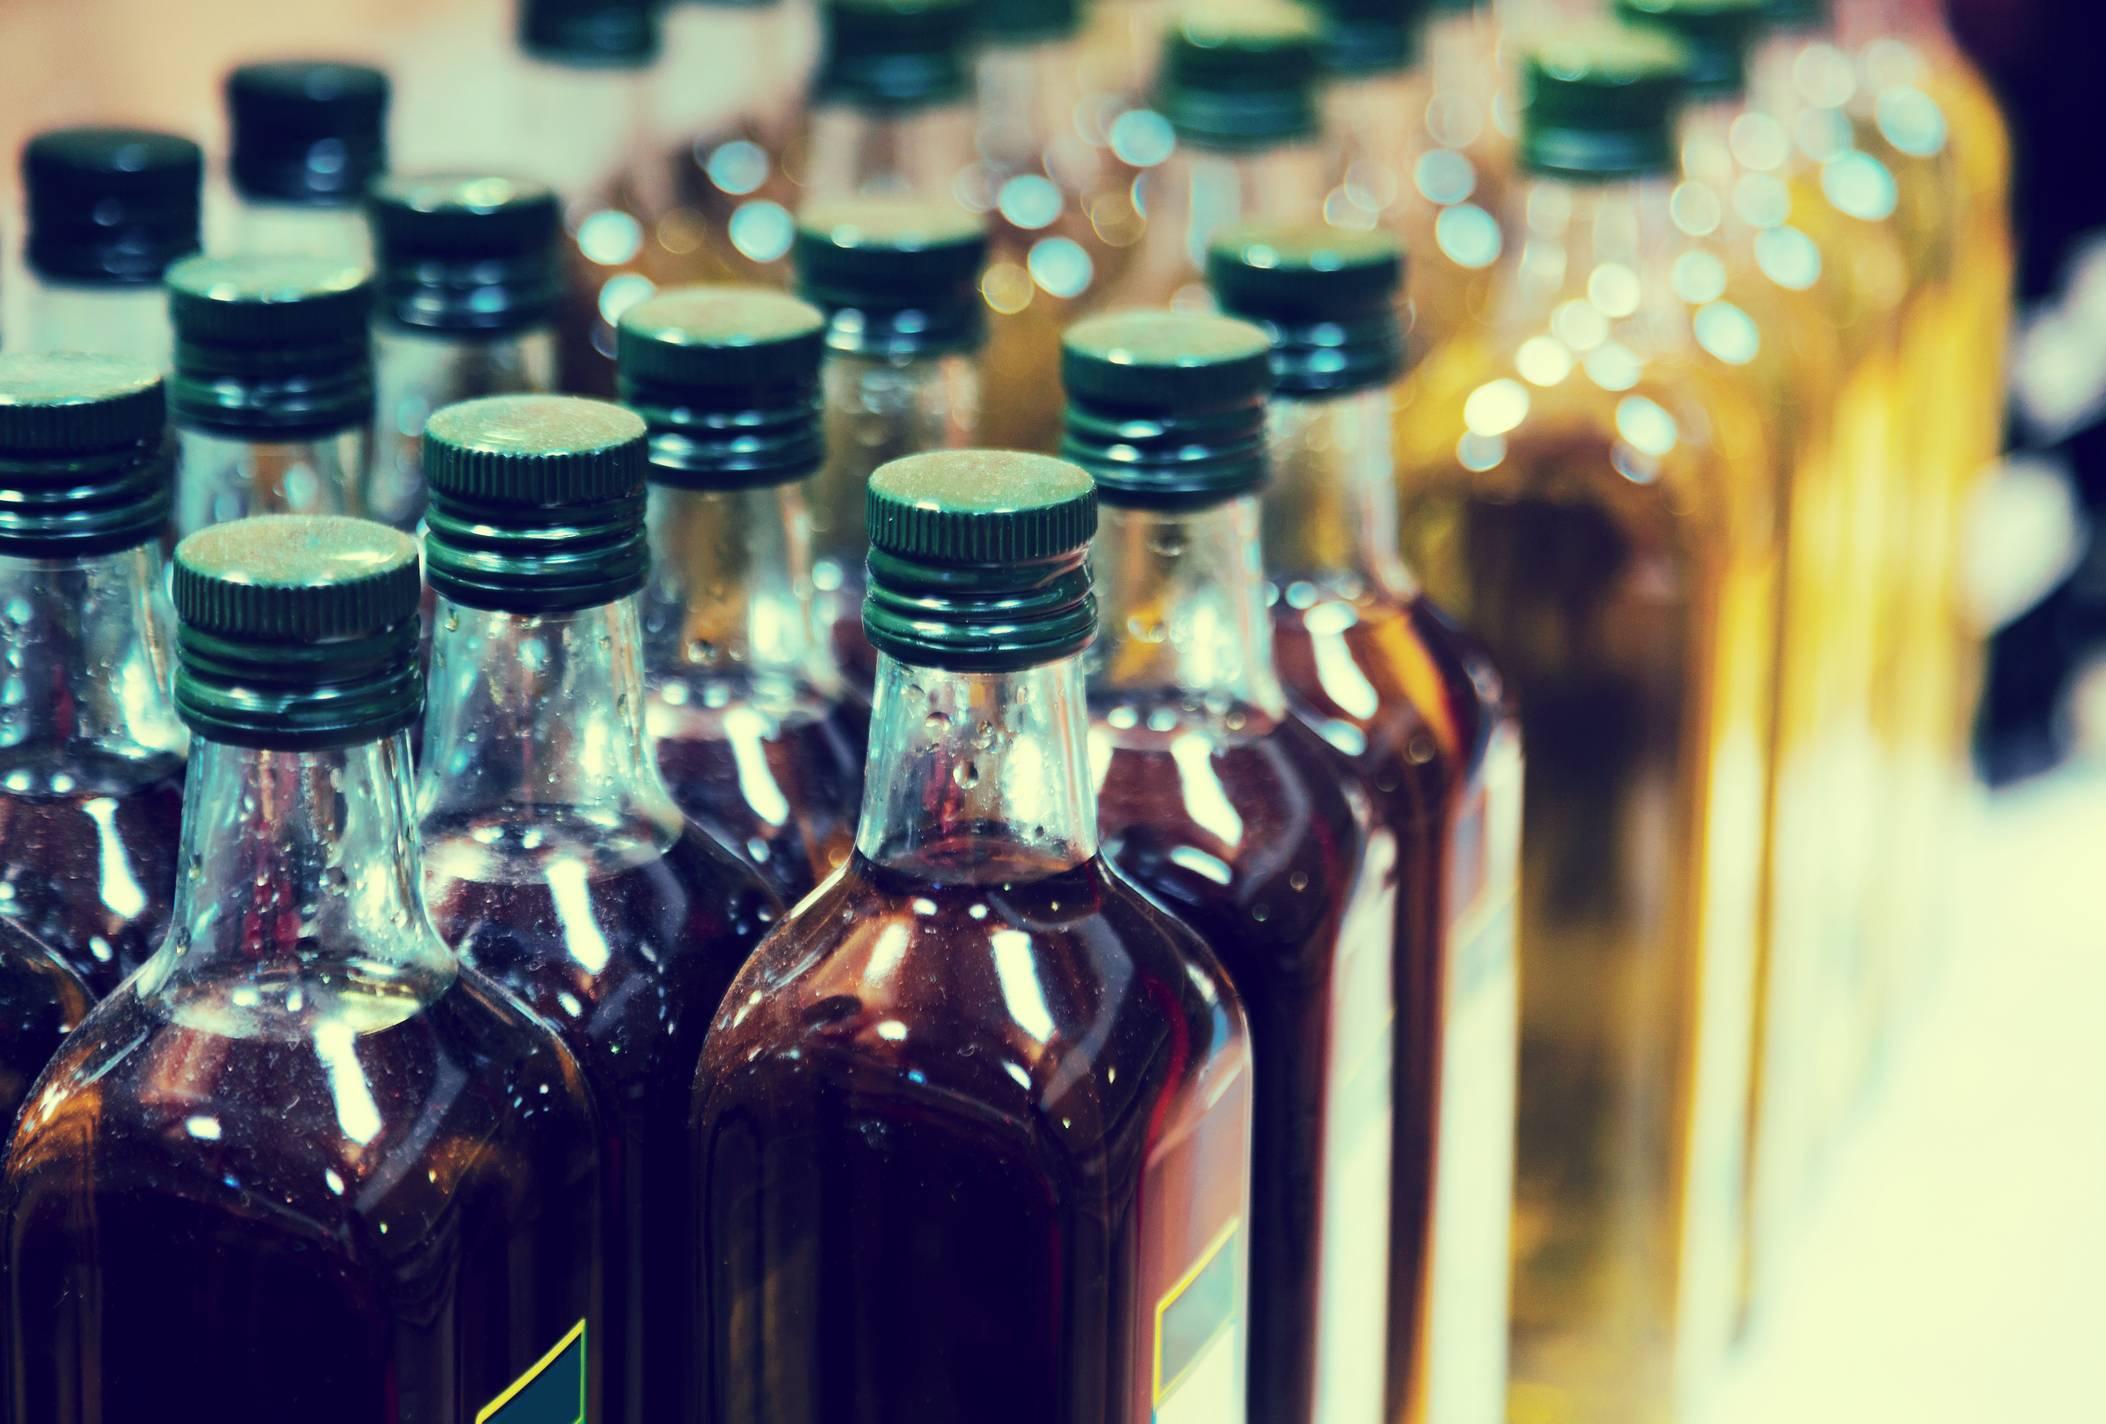 Olio di oliva contraffatto